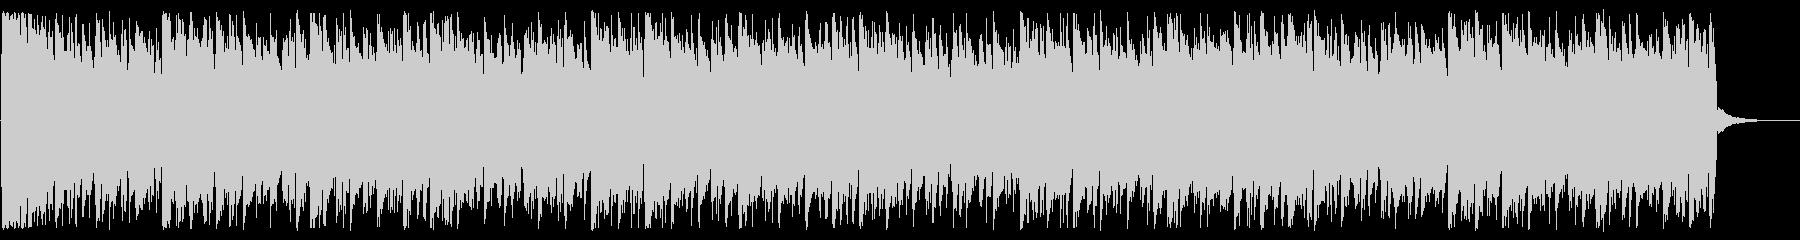 レトロ/エレクトロ_No591_4の未再生の波形